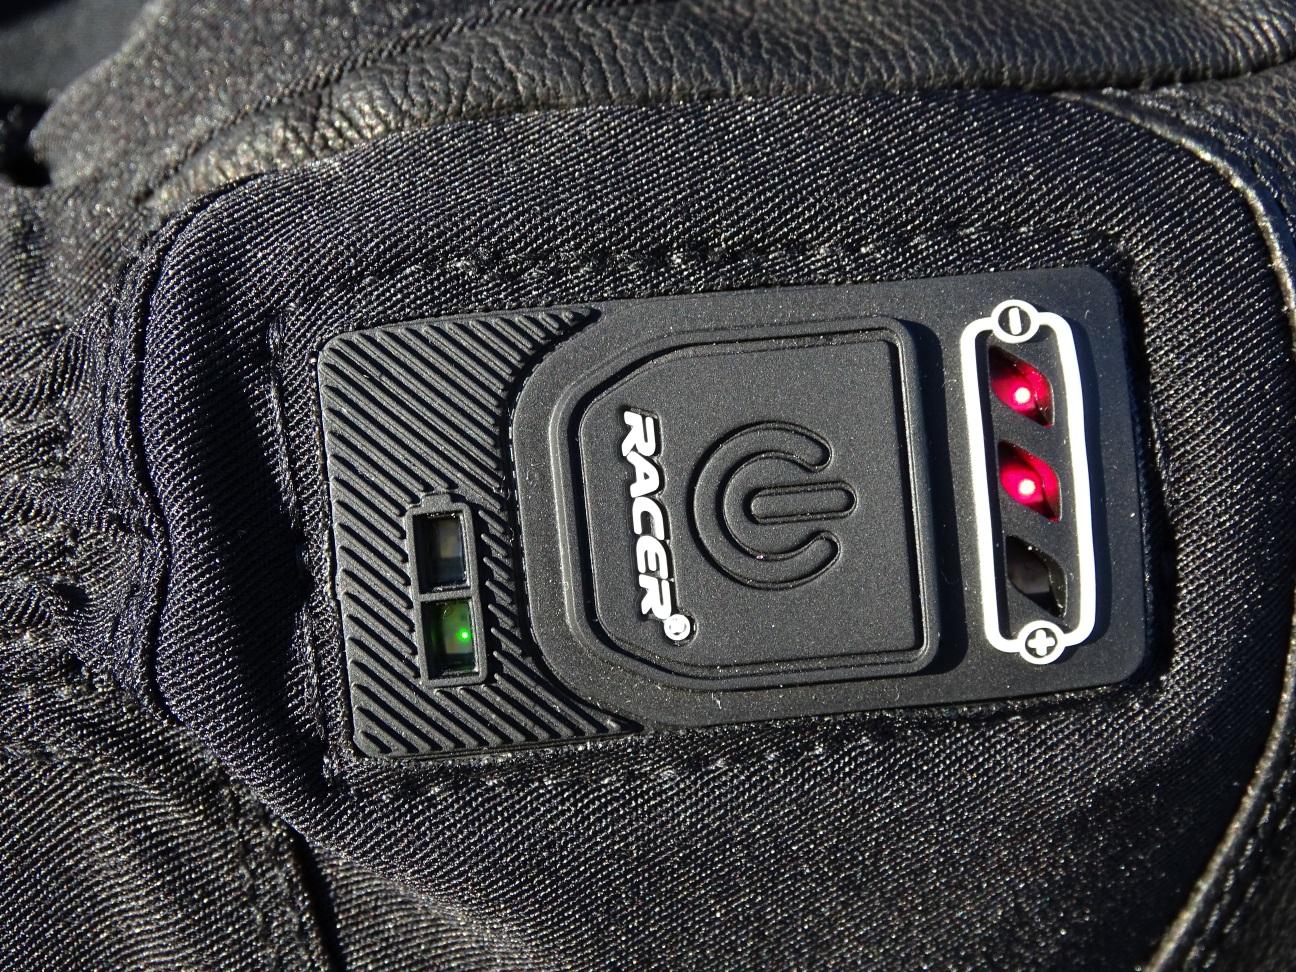 Bouton d'allumage des gants chauffants Racer Connectic 3